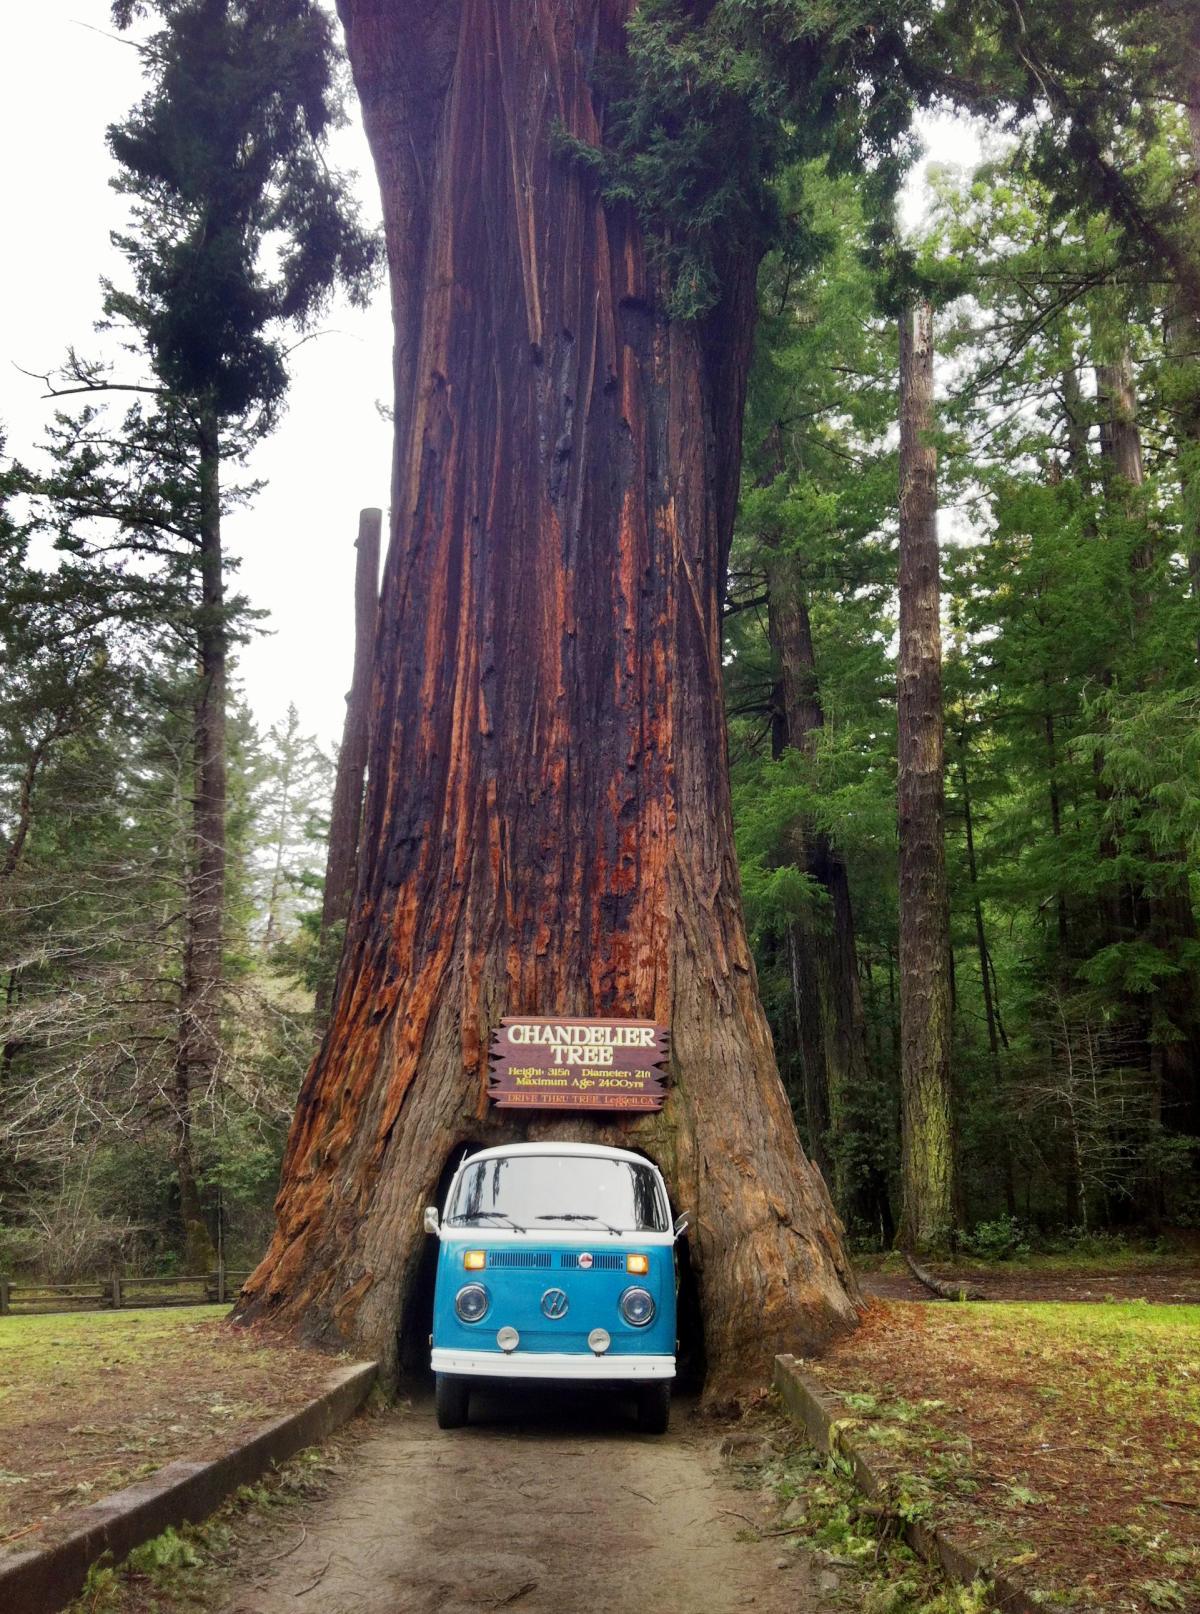 مخوف ترین جاده هایی از دل درختان میگذرد